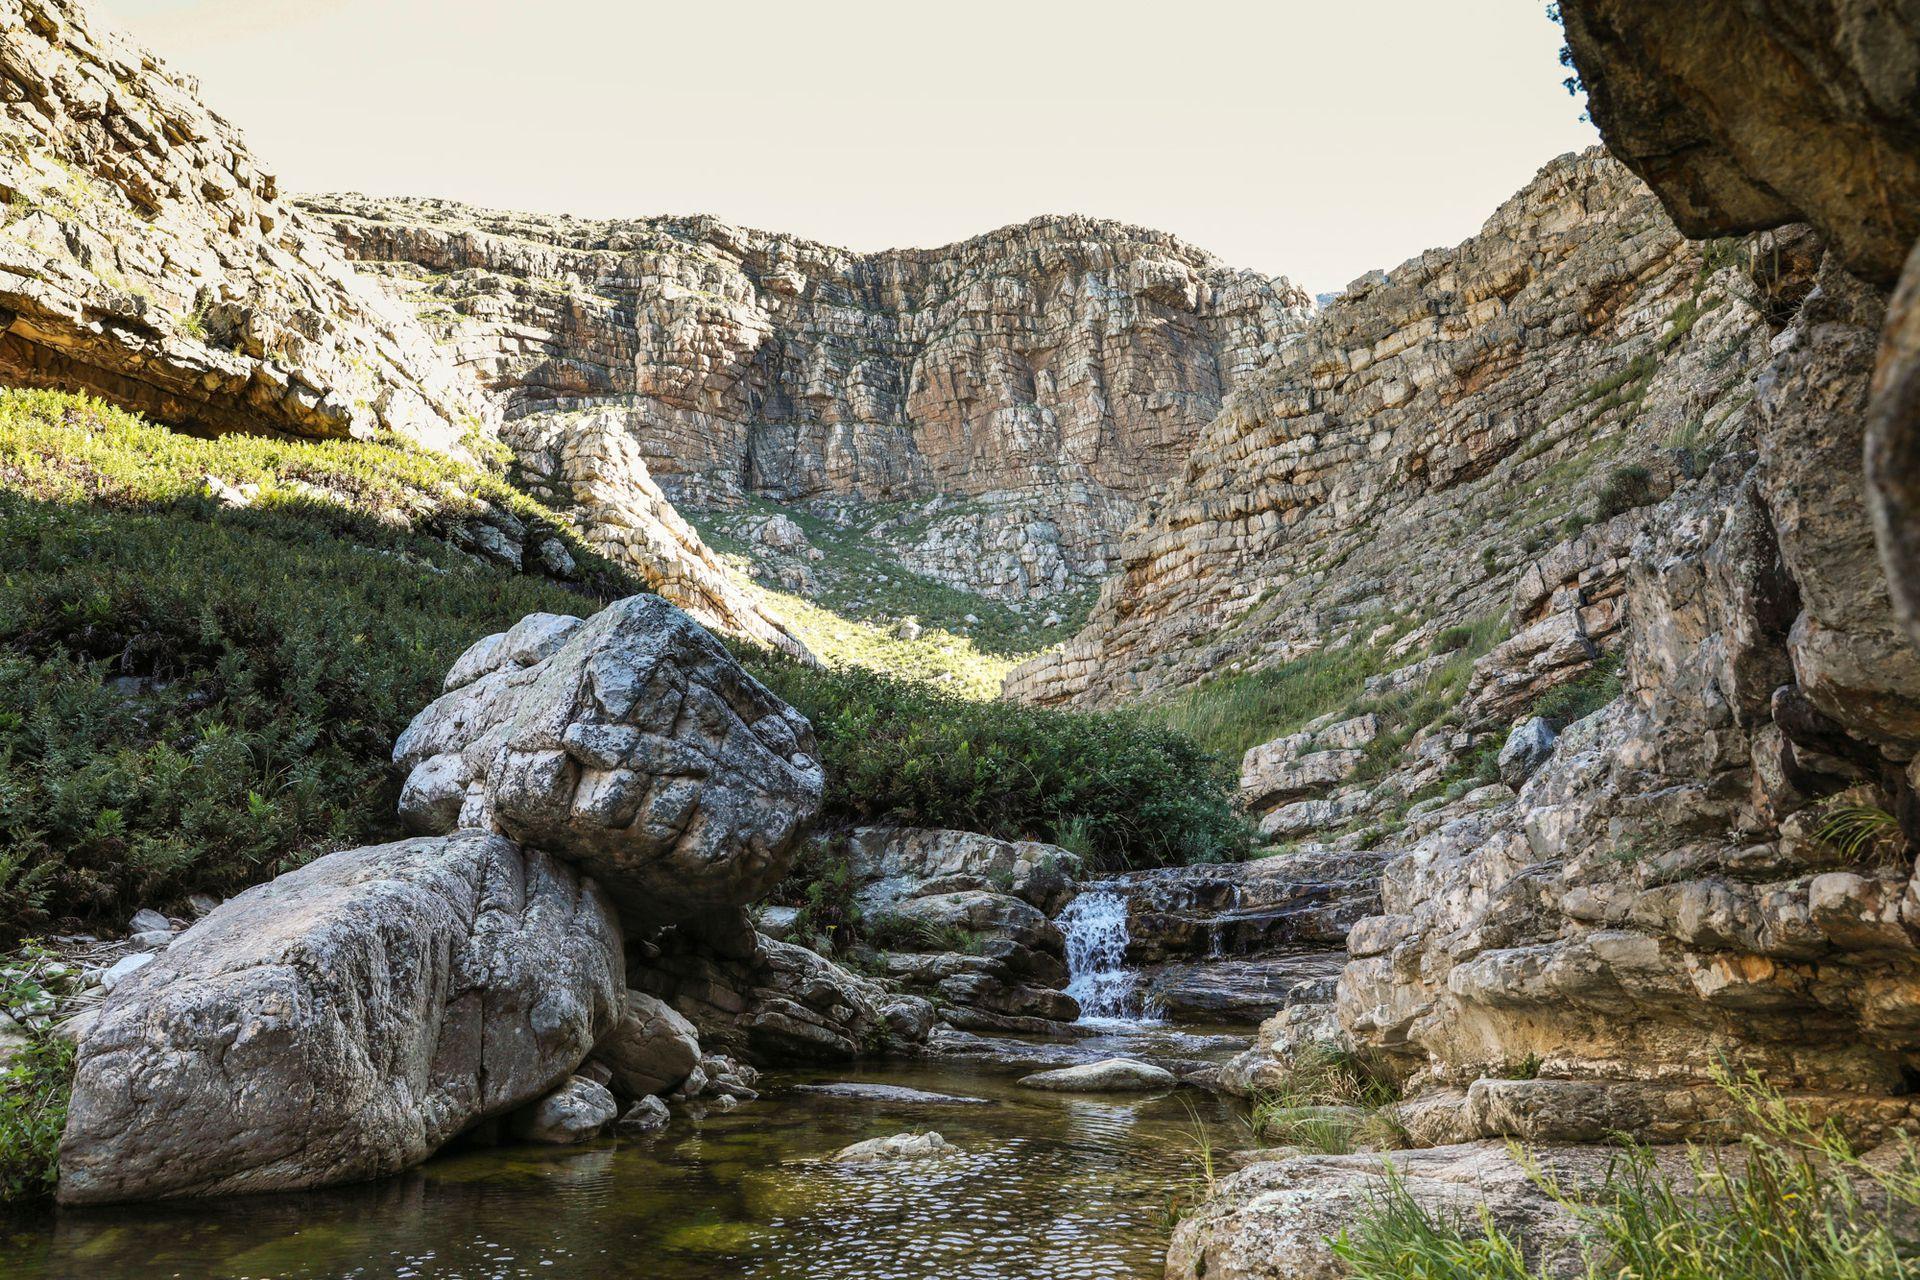 La excursión hacia la Cascada Escondida es una caminata de 3 horas con suaves ascensos, remontando el cauce de un arroyo hasta una cascada con piletas naturales.